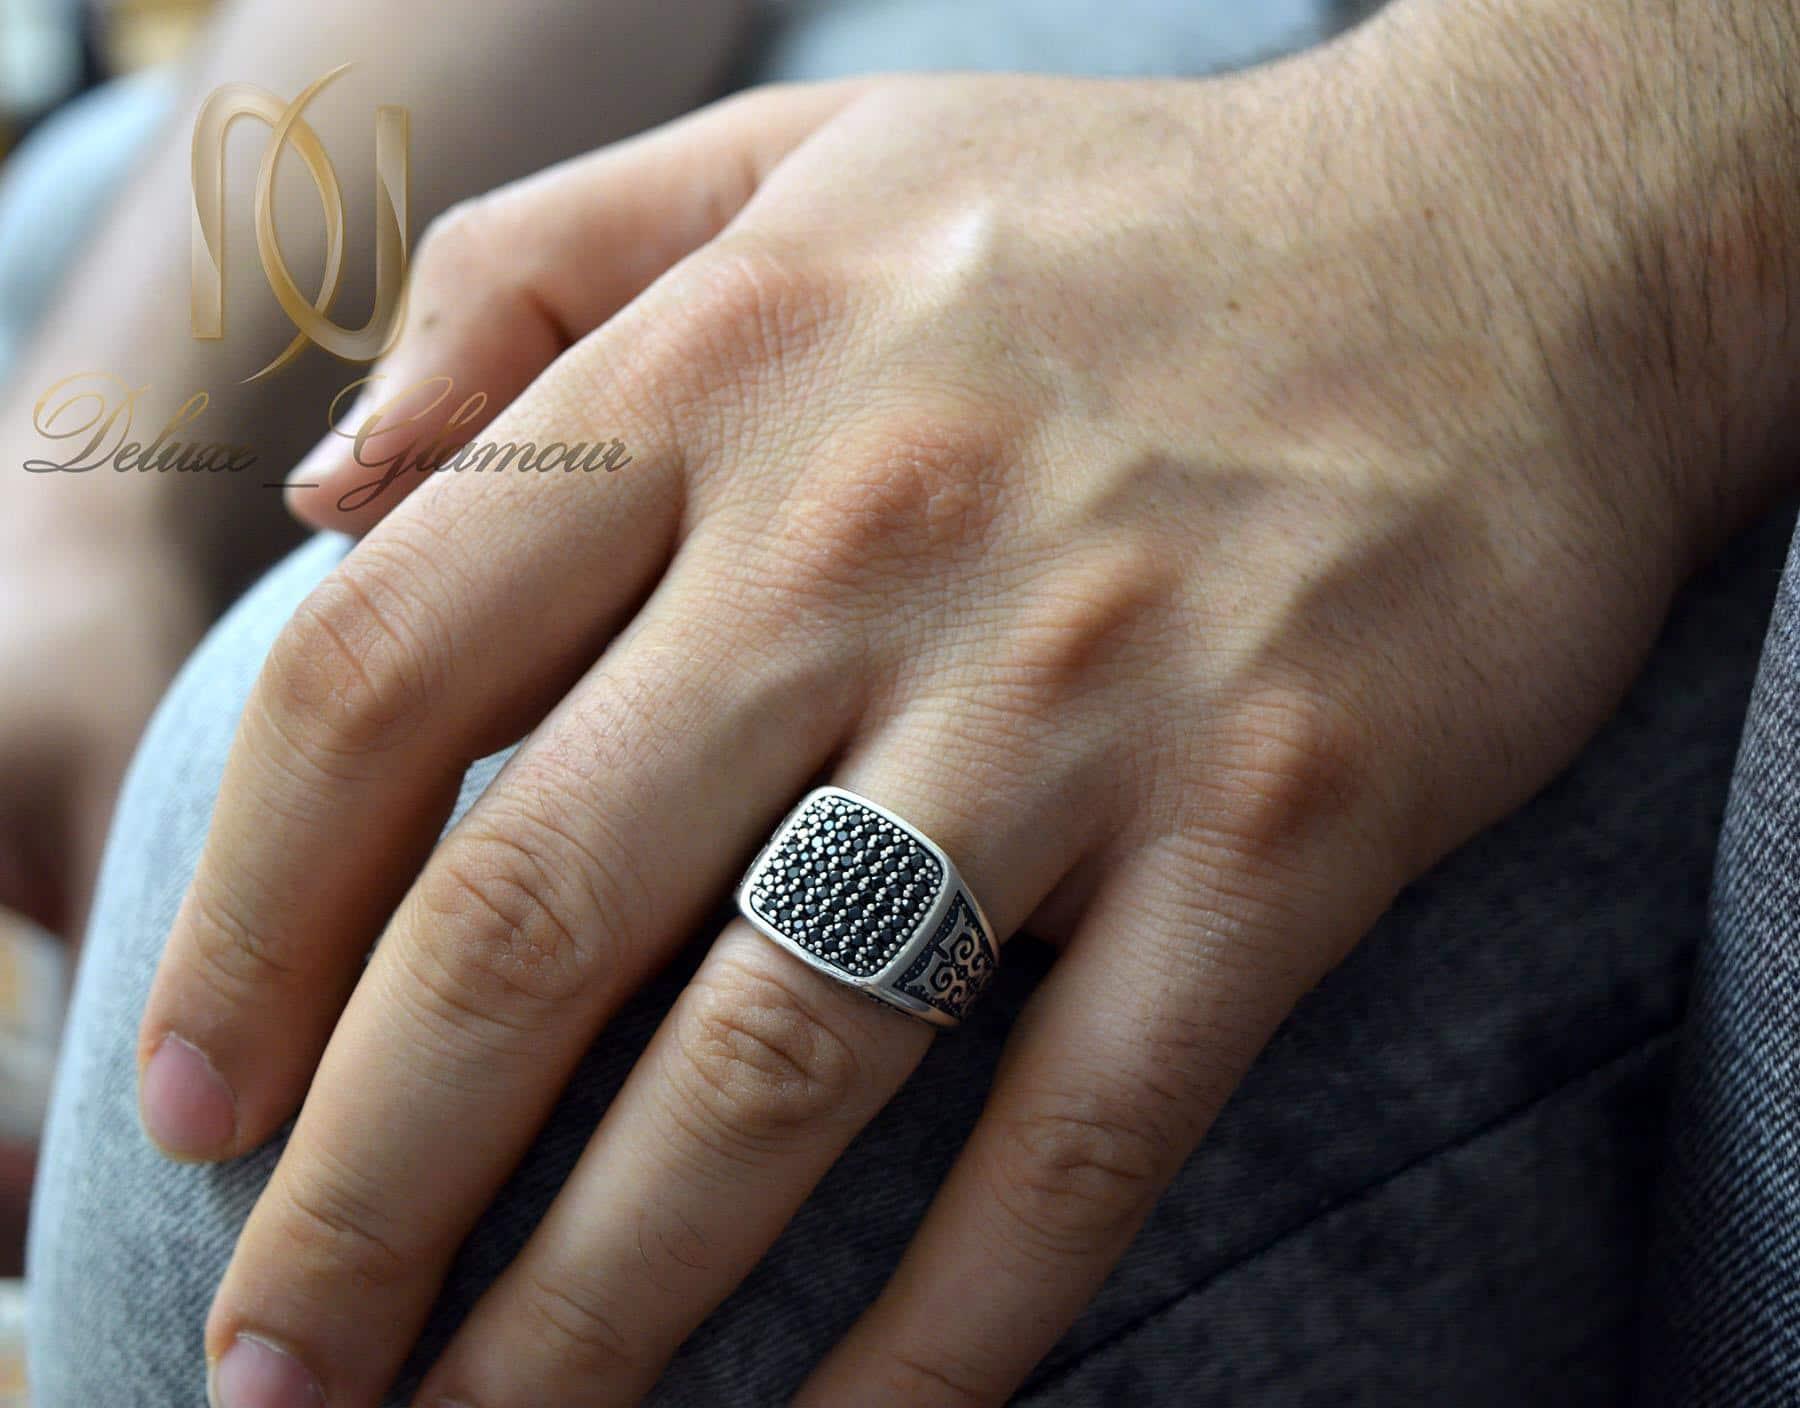 انگشتر نقره مردانه اسپرت نگین مارکازیت rg-n384 از نمای روی دست